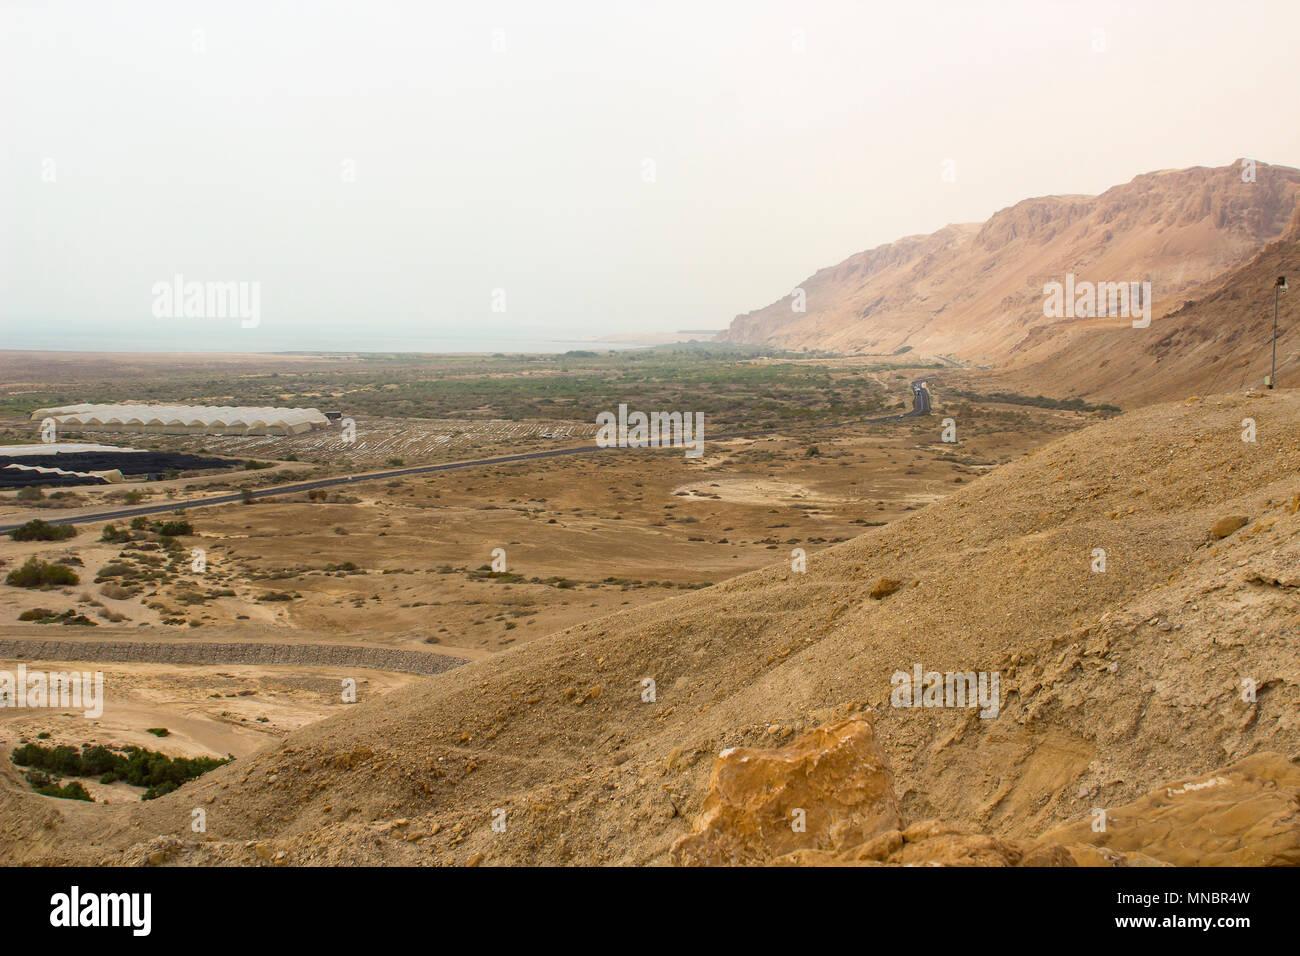 L'aride désert montagneux à Qumrân Le site archéologique historique de la mer Morte en Israël Photo Stock